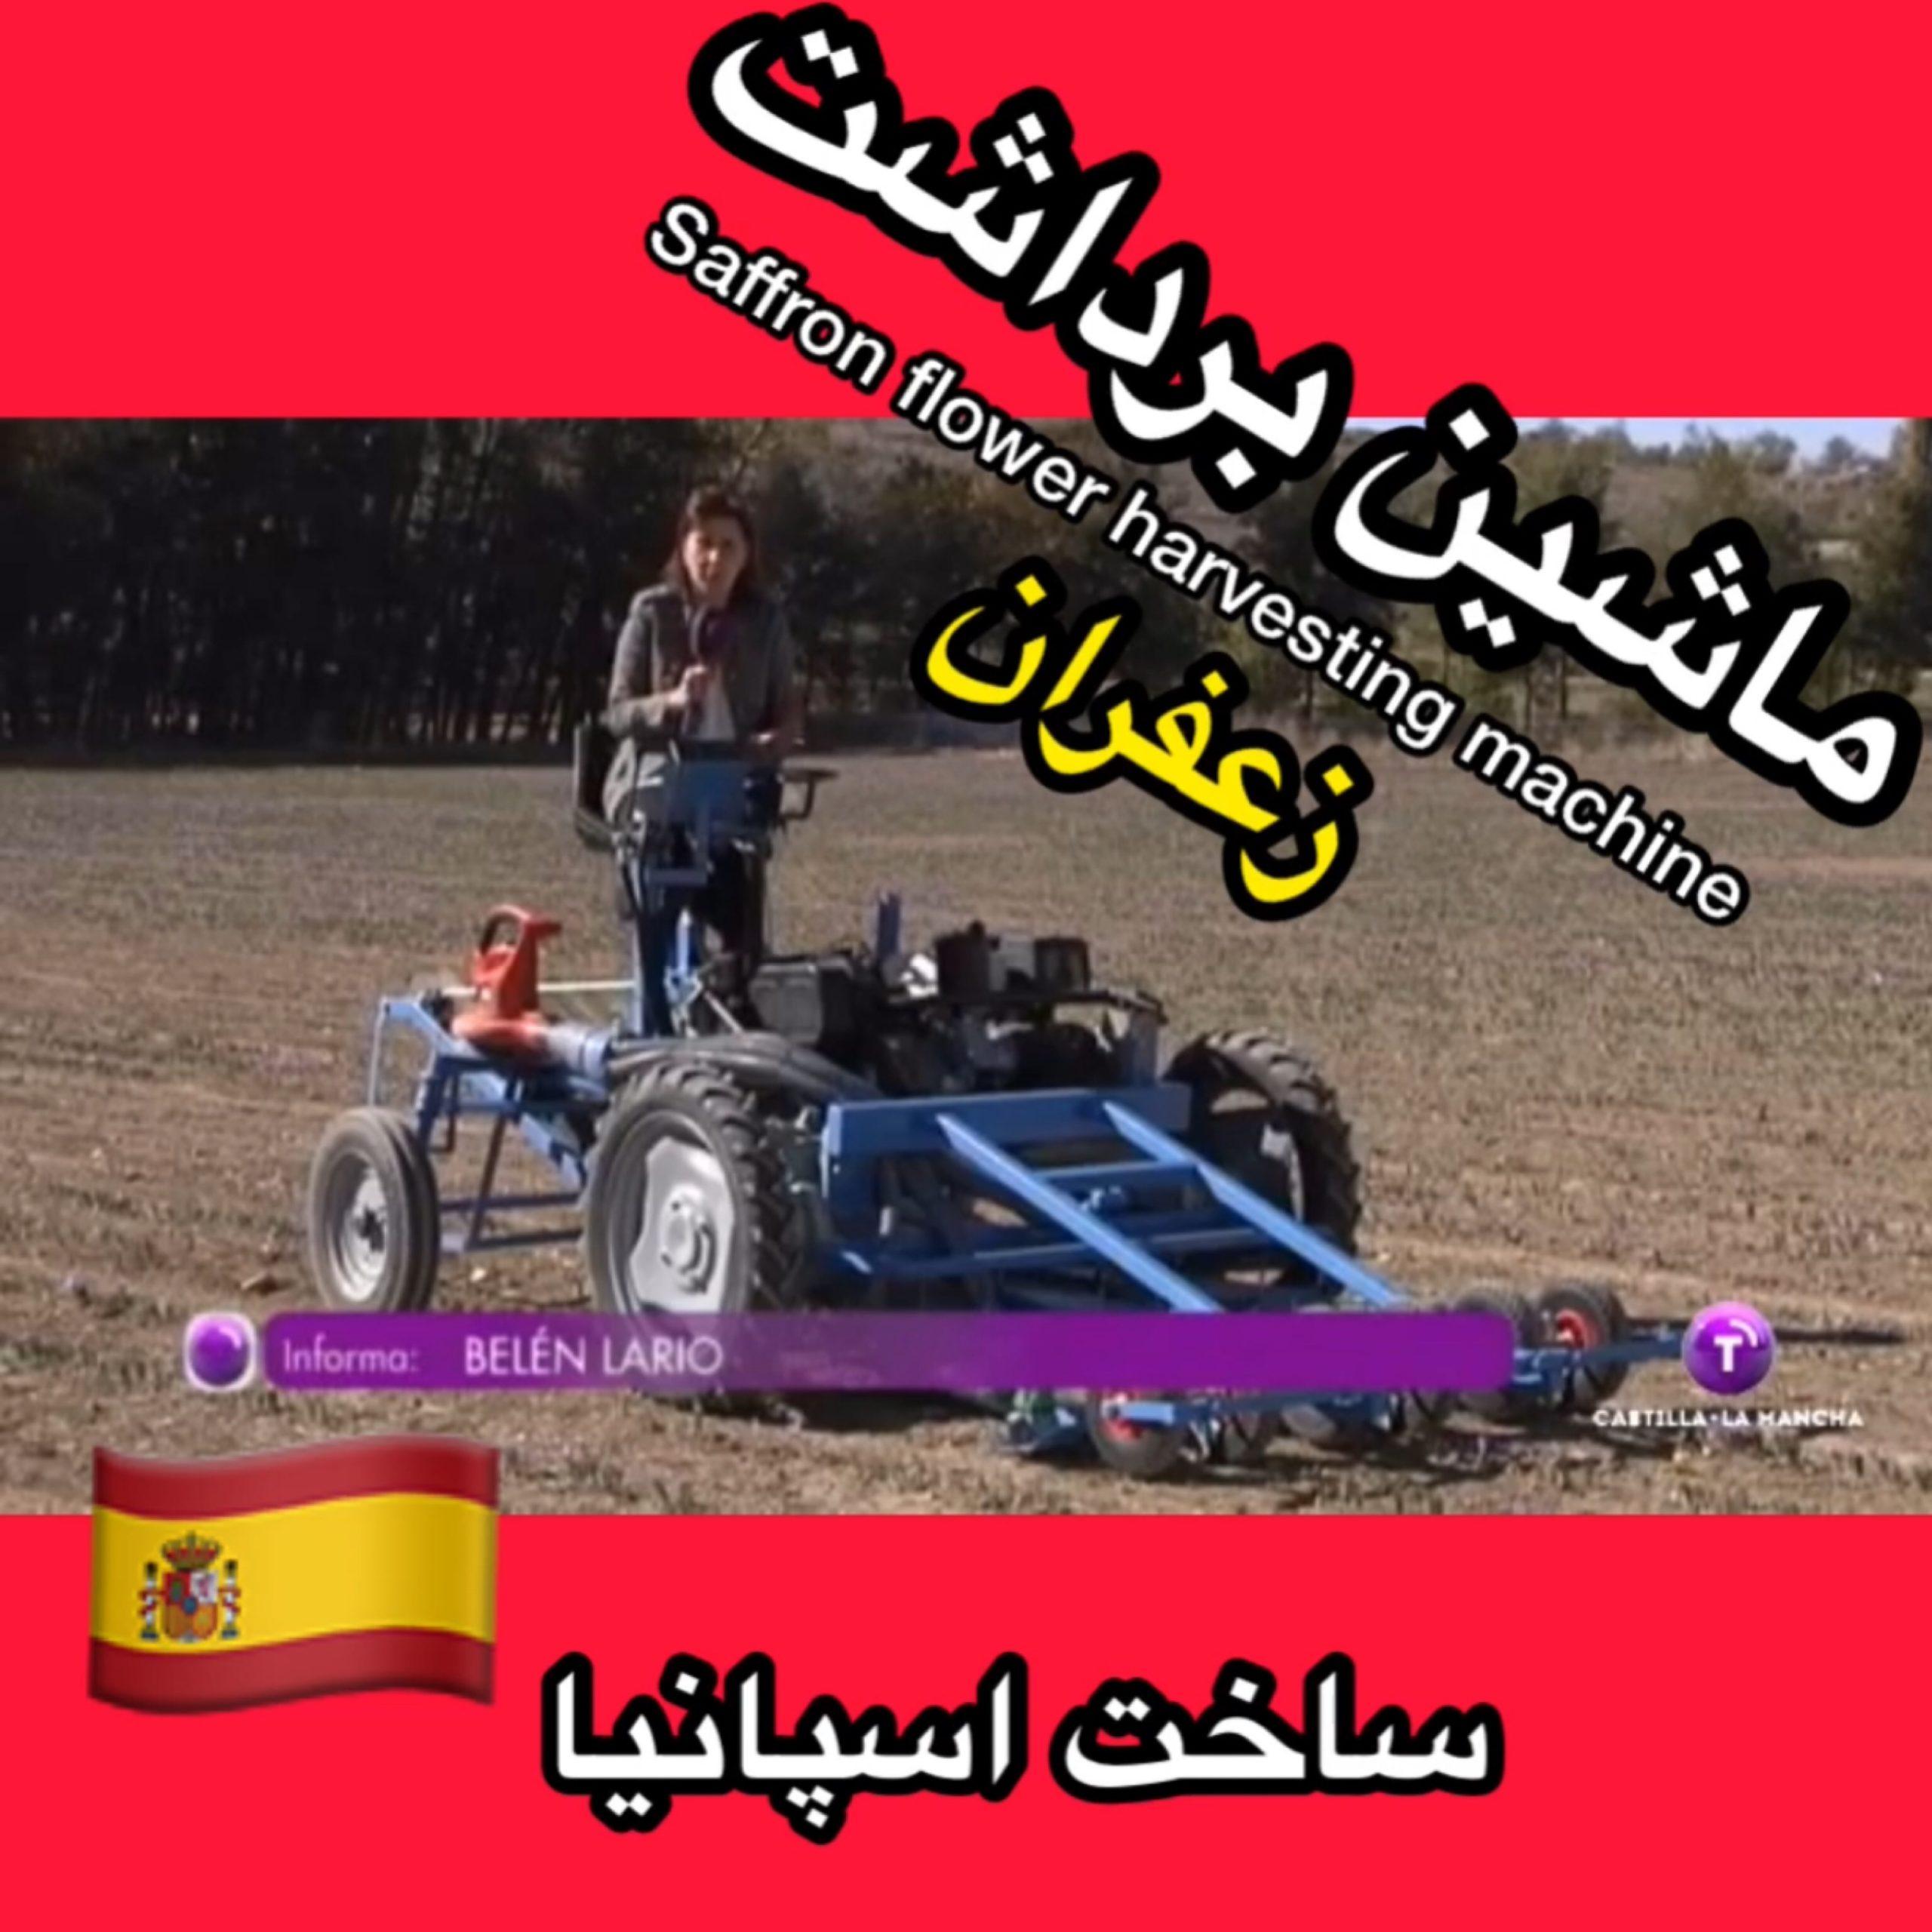 گزارش تصویری از ماشین مکانیزه برداشت زعفران   ساخت کشور اسپانیا